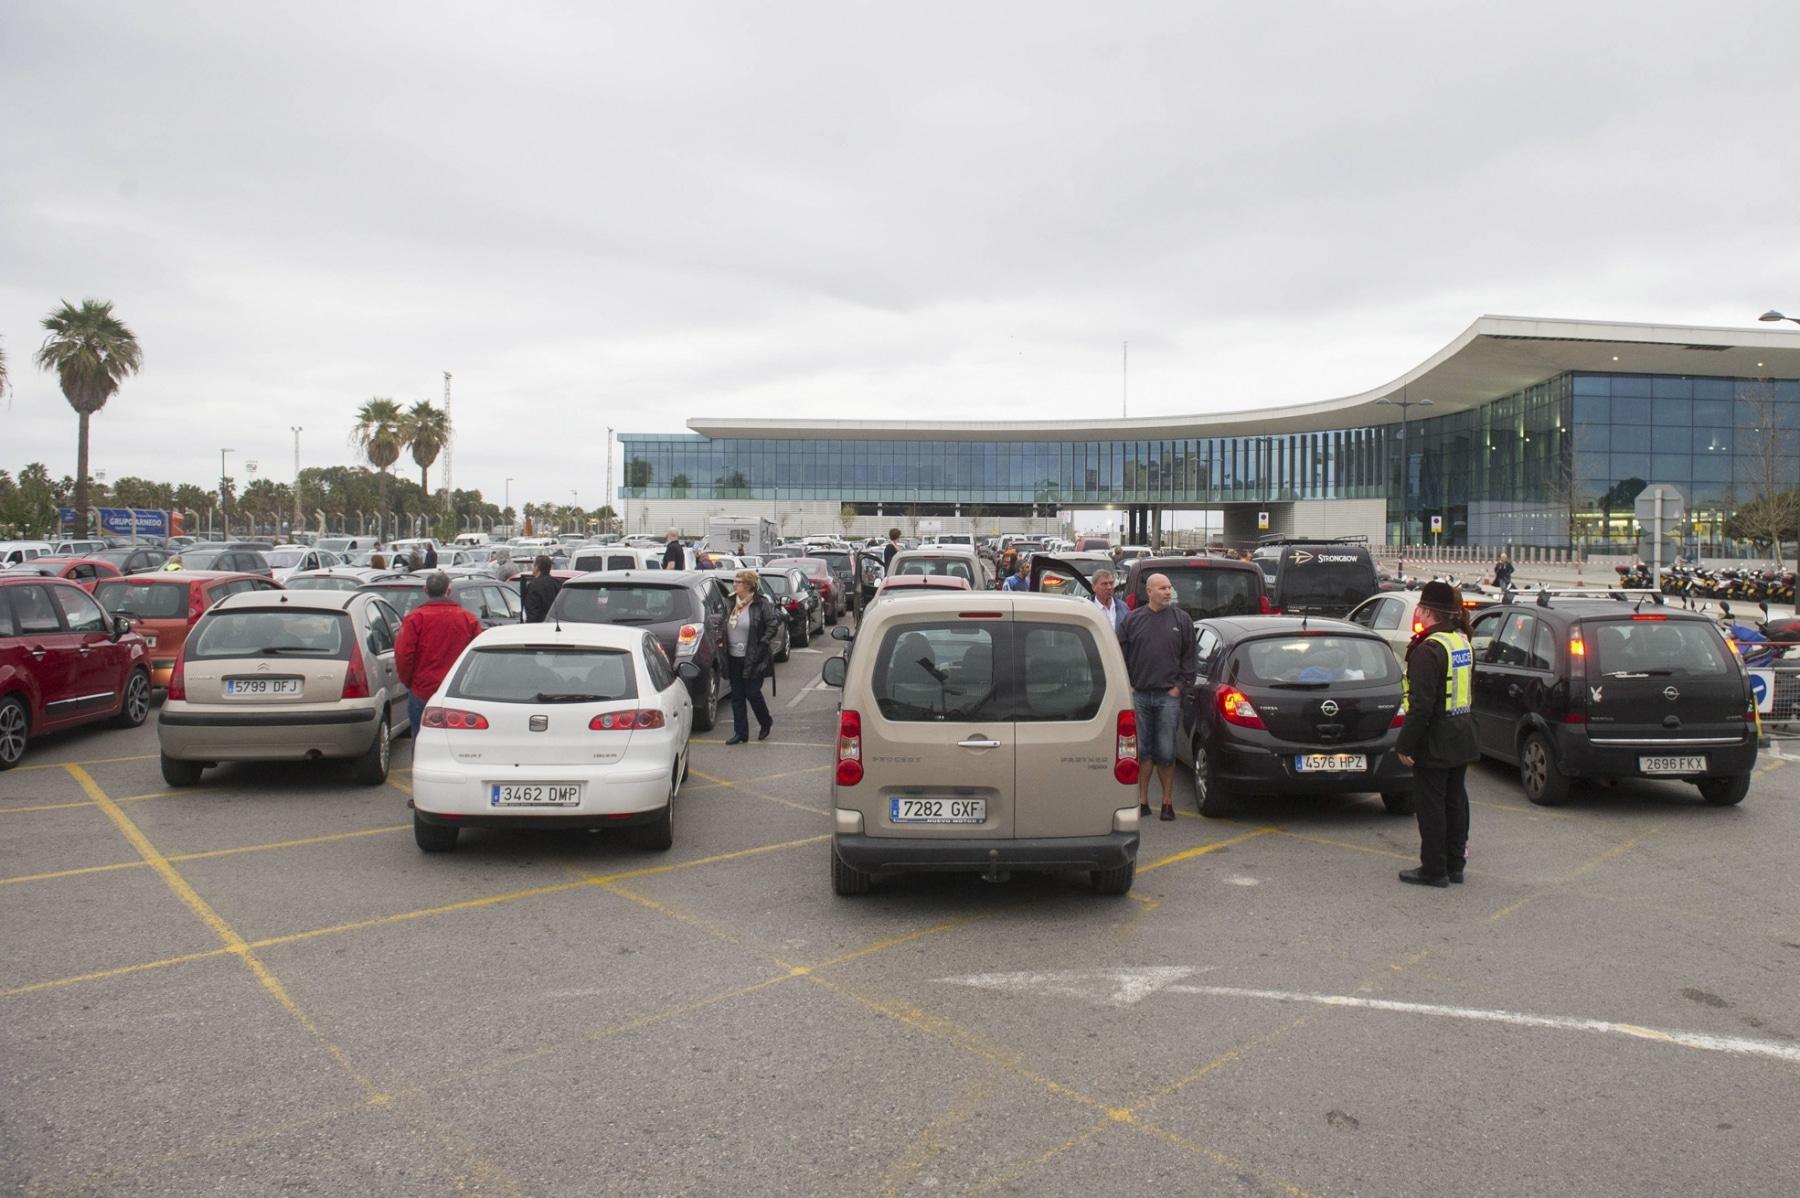 colas-coches-gibraltar-febrero-2014_12614394973_o